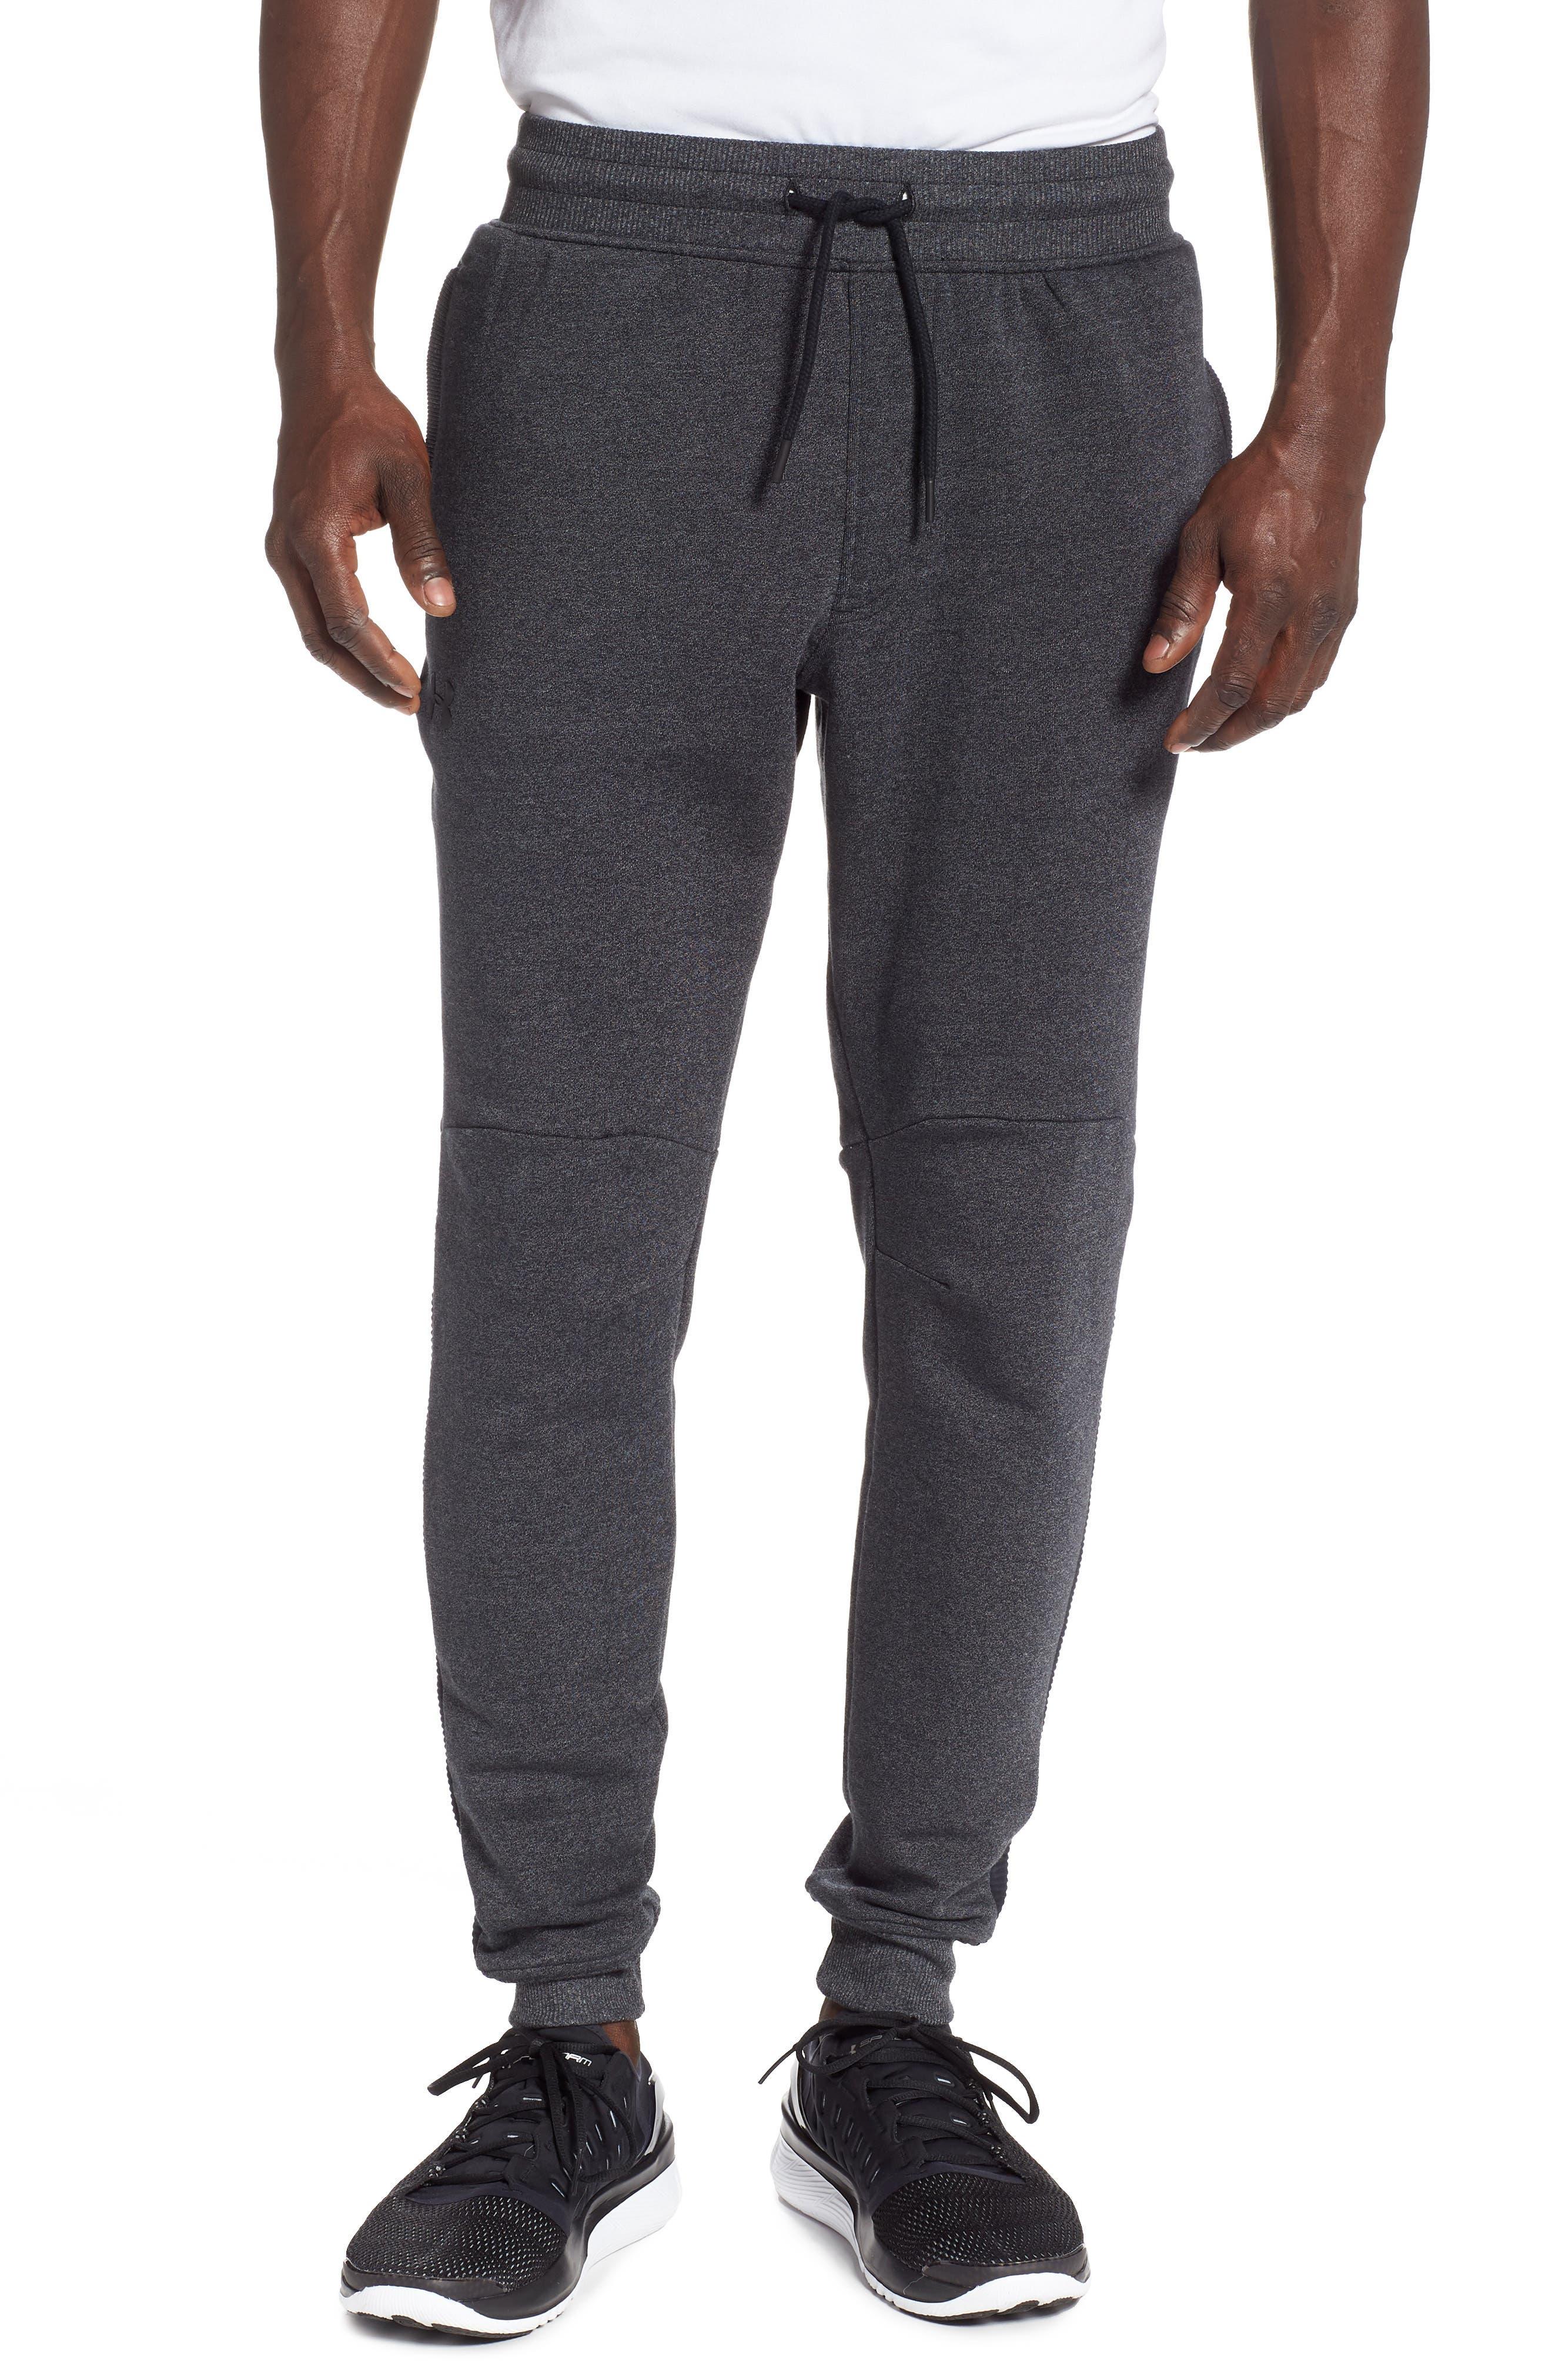 Threadborne Jogger Pants,                             Main thumbnail 1, color,                             BLACK/ BLACK